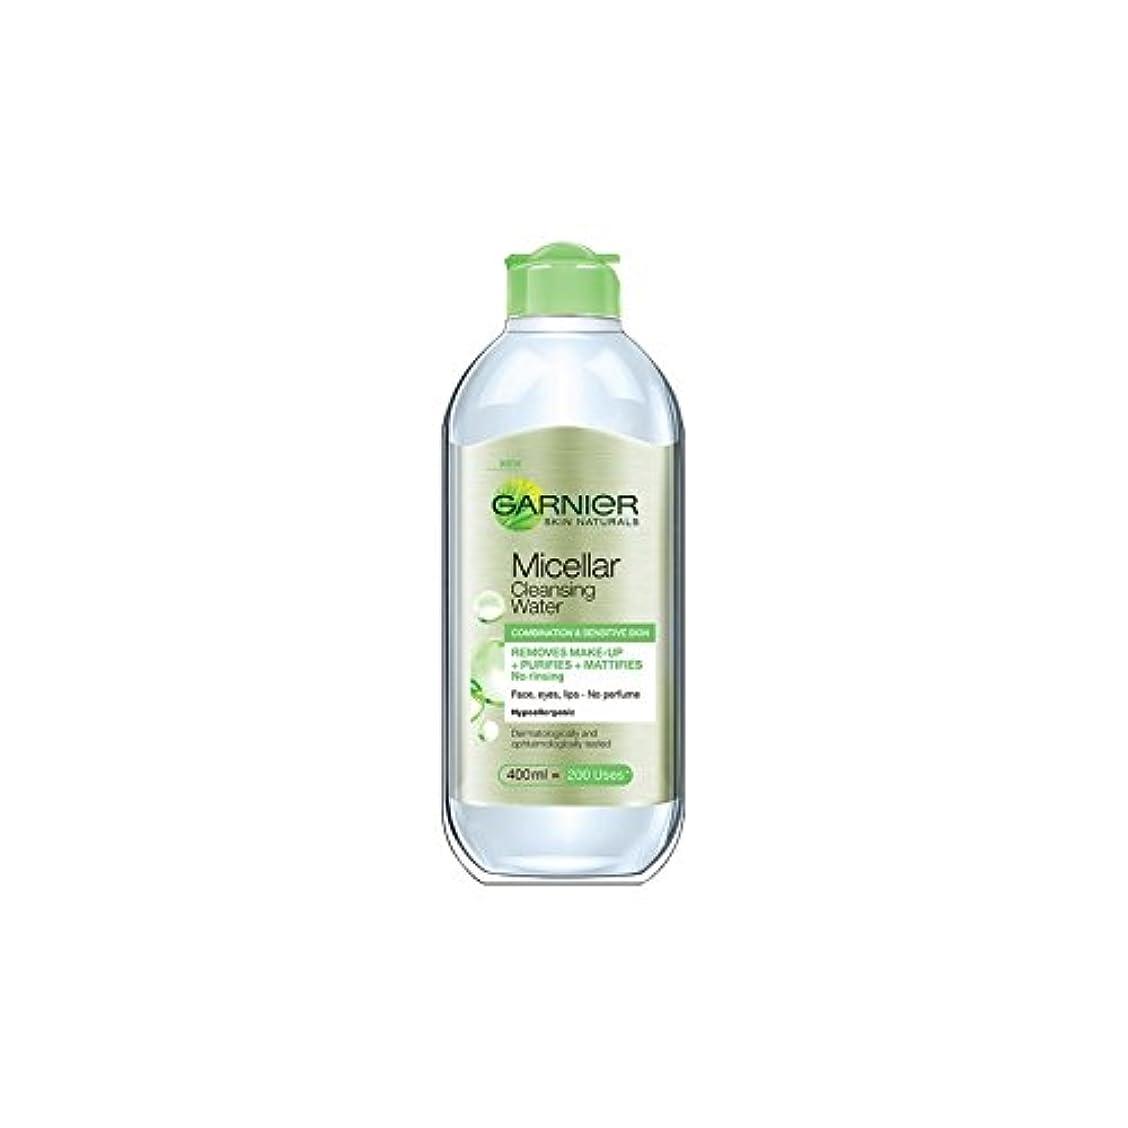 配管工脱走また明日ね水の組み合わせや敏感肌のクレンジングガルニエ肌ナチュラルミセル(400ミリリットル) x4 - Garnier Skin Naturals Micellar Cleansing Water Combination And Sensitive Skin (400ml) (Pack of 4) [並行輸入品]